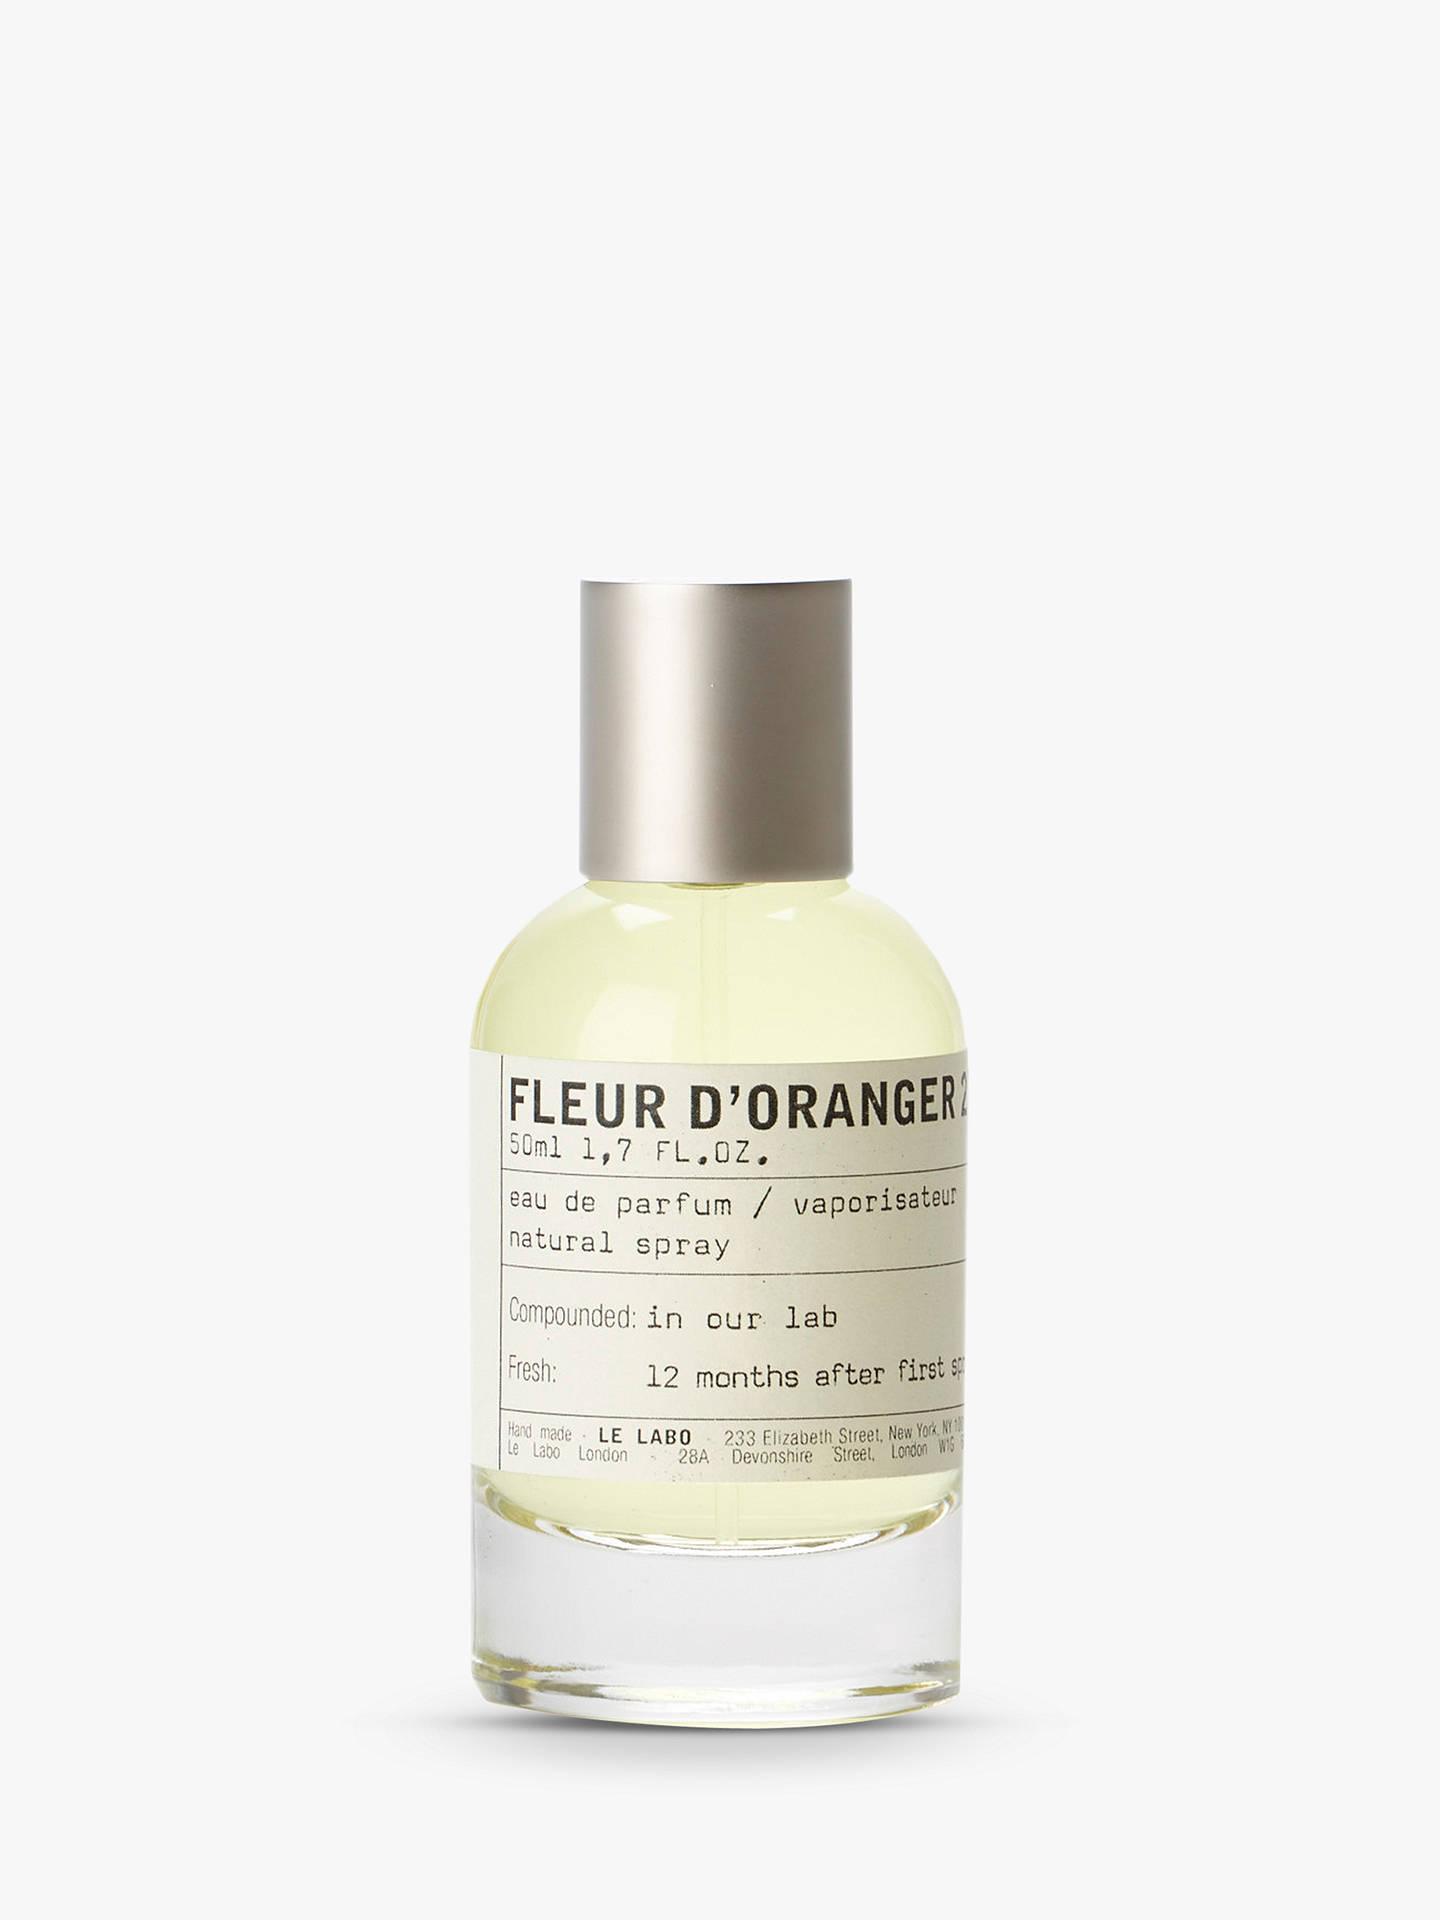 Le Labo Fleur D Oranger 27 Eau De Parfum At John Lewis Partners